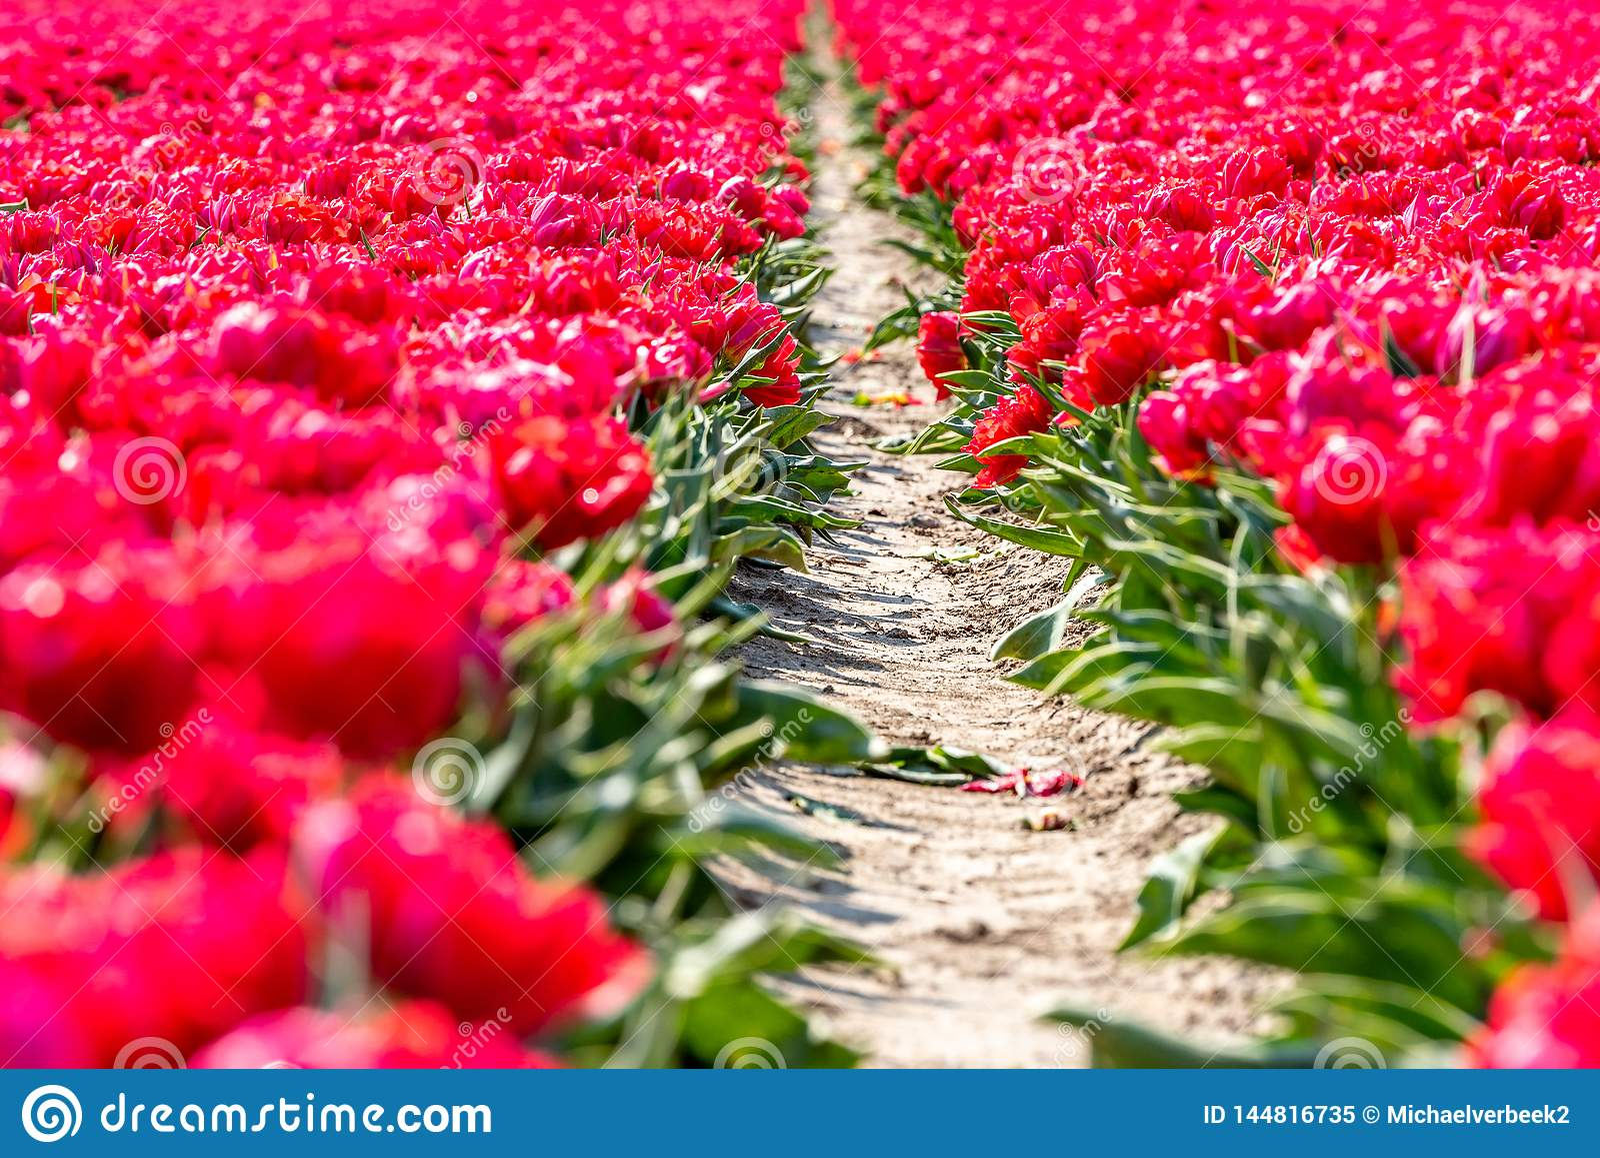 Красные тюльпаны на лугах во Флеволанде